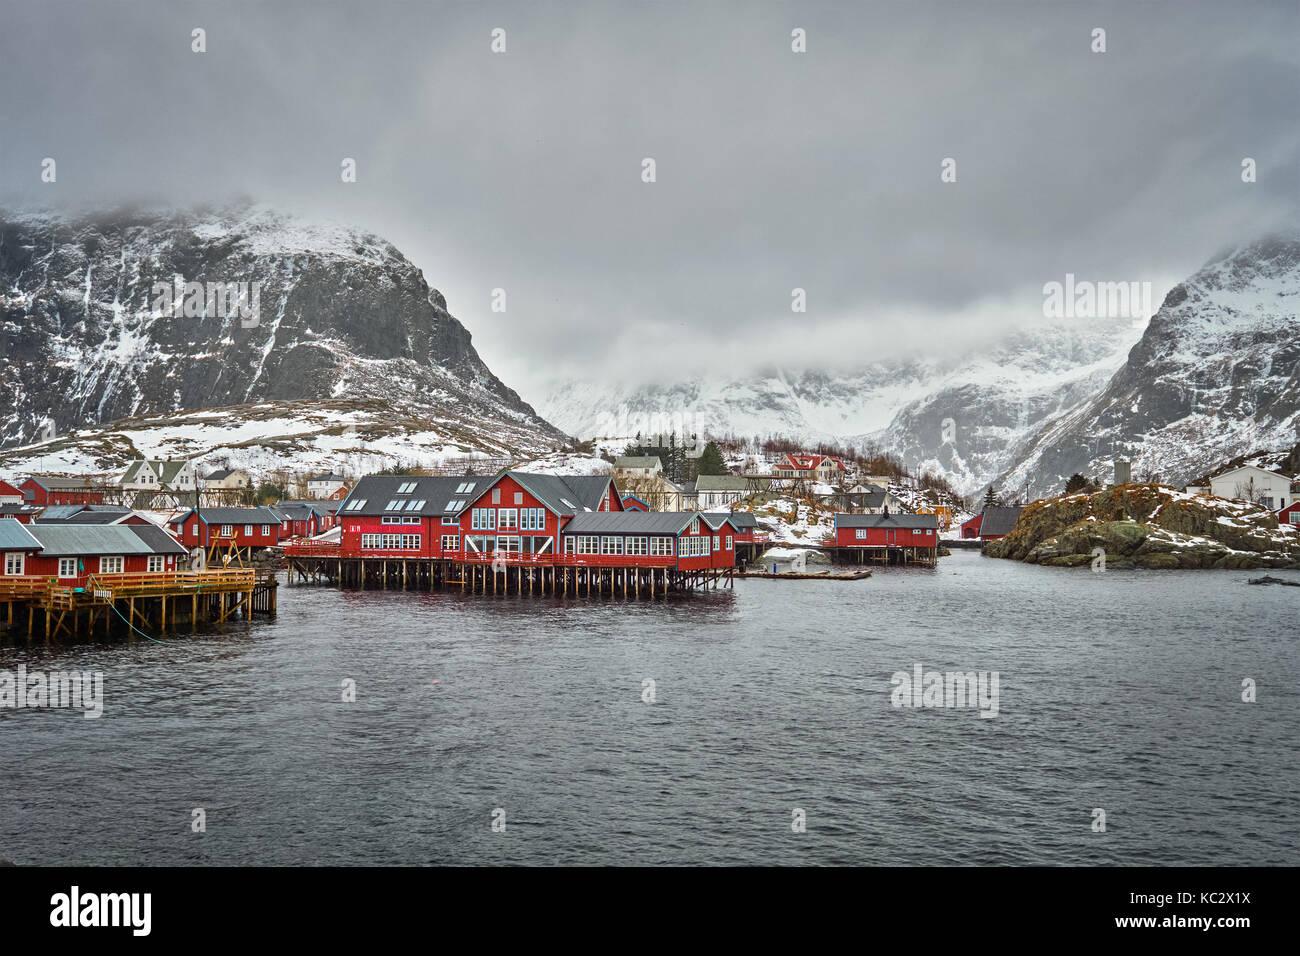 Ein Dorf auf den Lofoten Inseln, Norwegen Stockbild